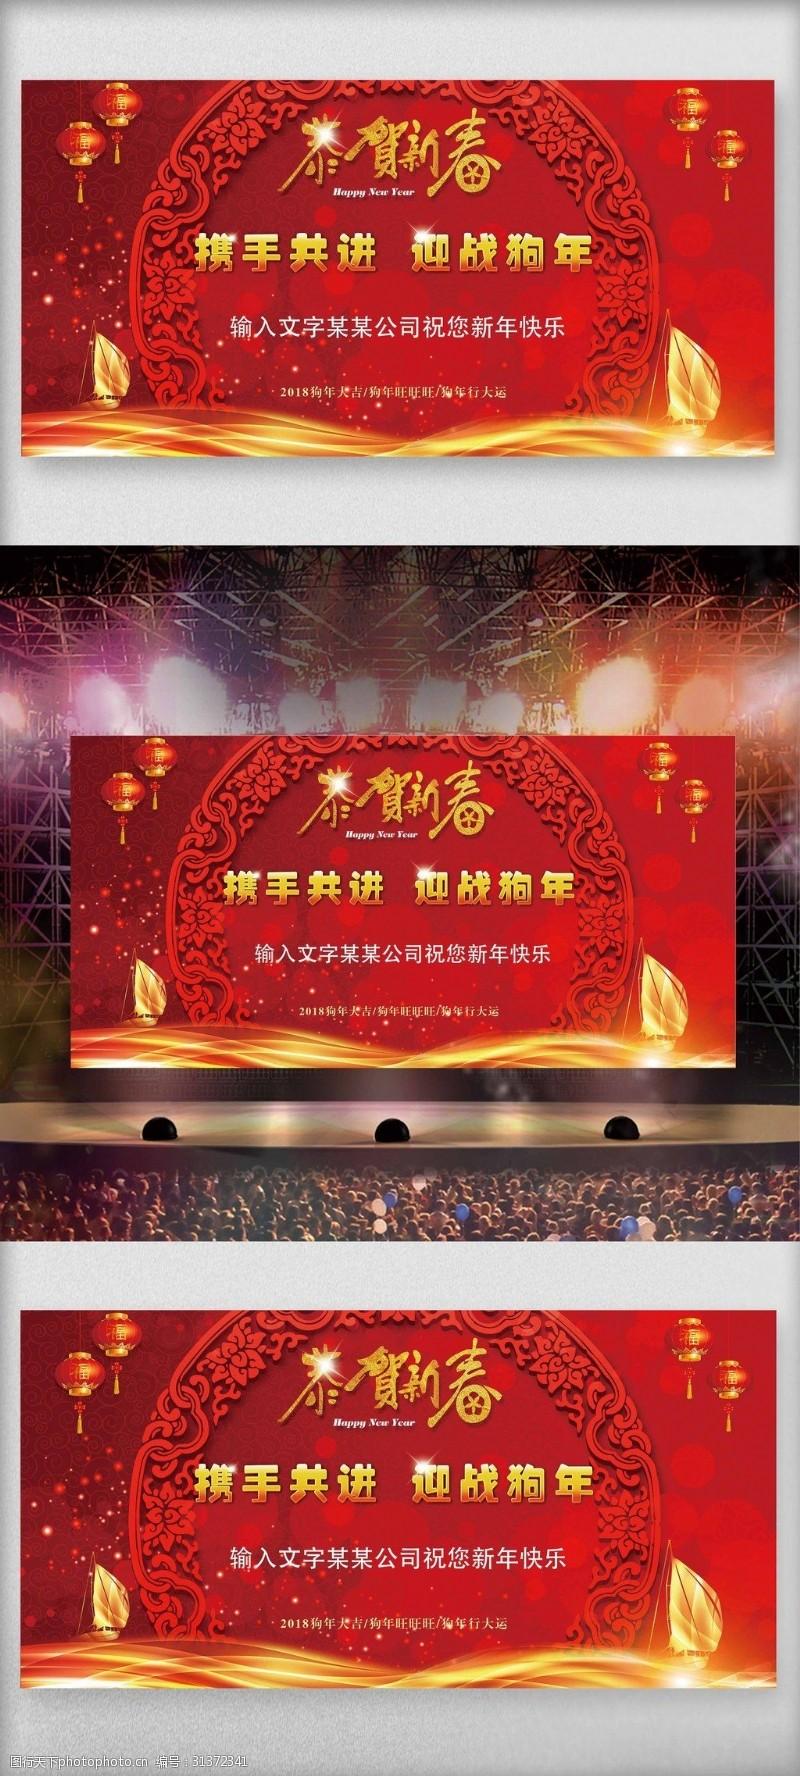 2018新年恭賀新春舞臺背景模板